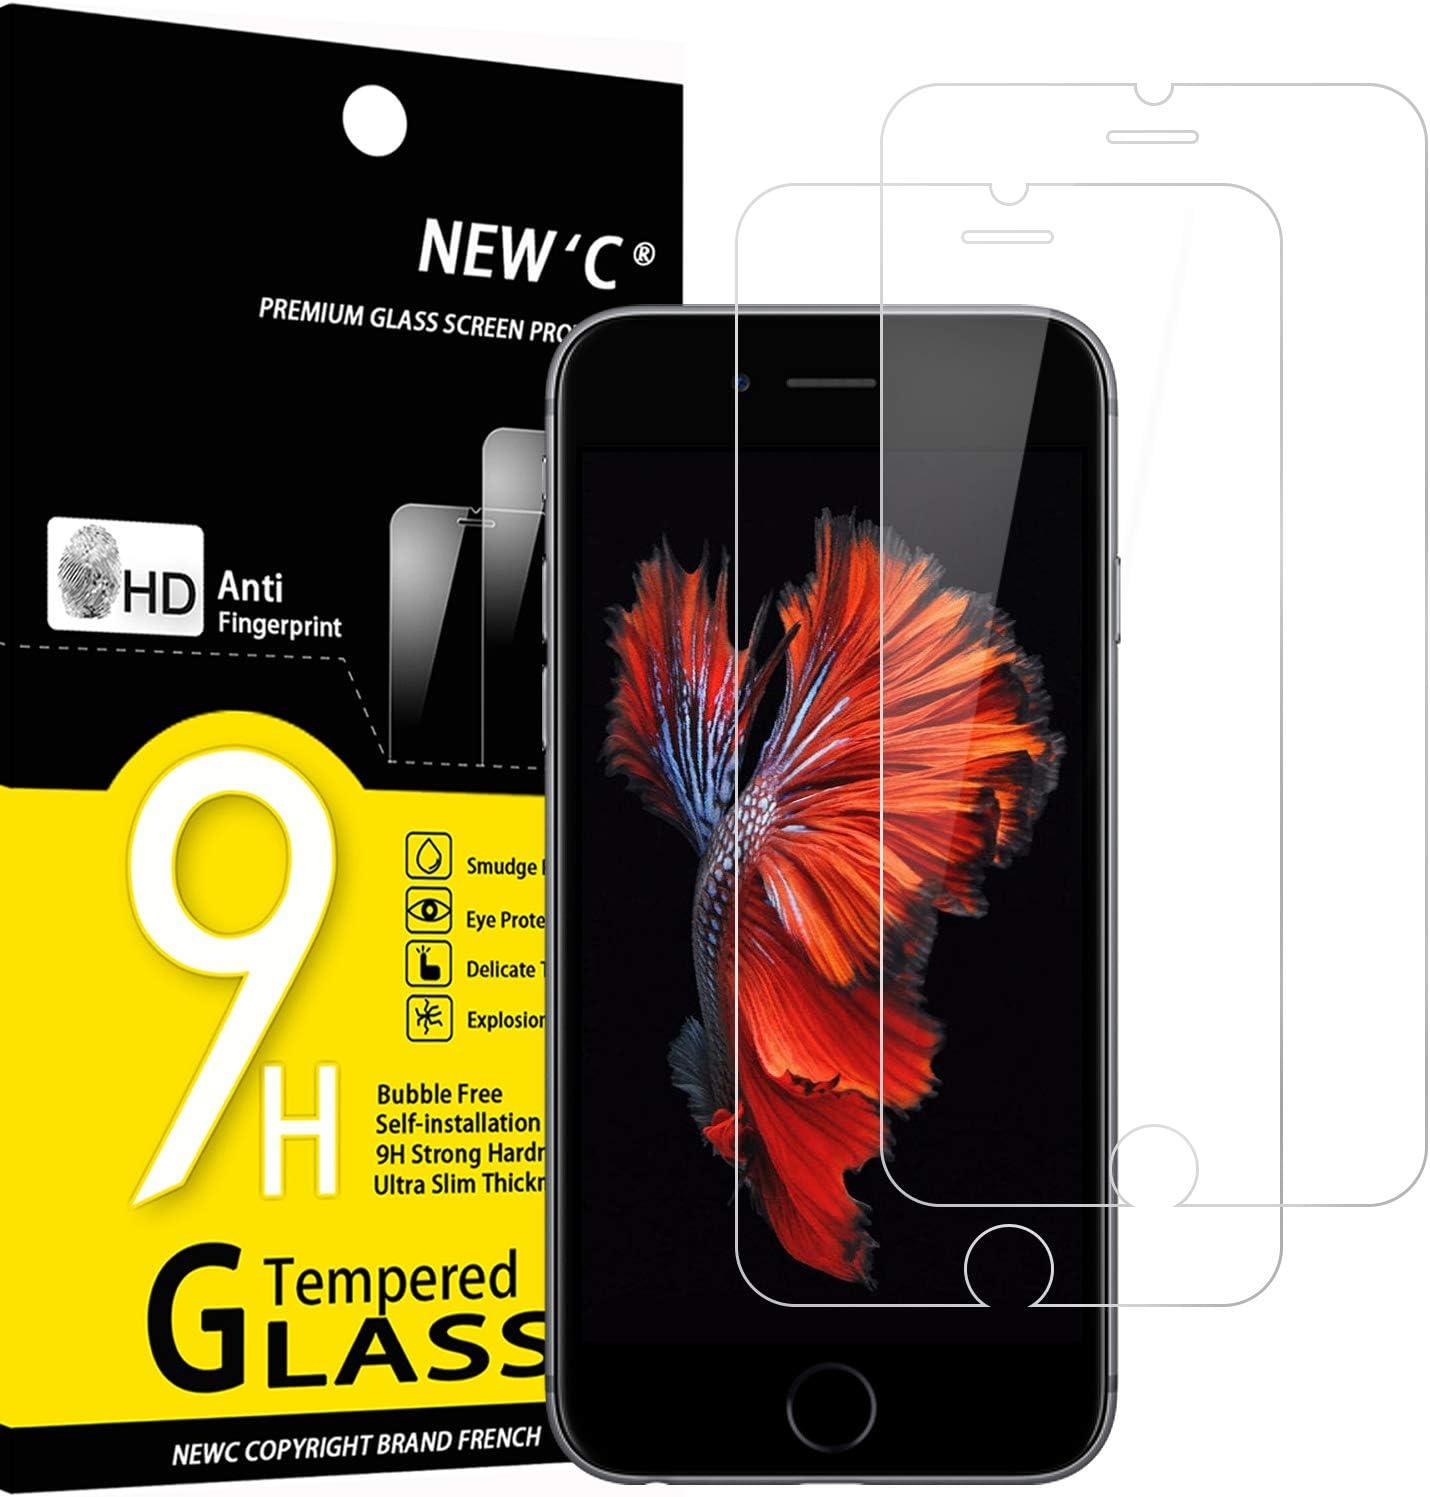 NEW'C 2 Unidades, Protector de Pantalla para iPhone 6 y iPhone 6S, Antiarañazos, Antihuellas, Sin Burbujas, Dureza 9H, 0.33 mm Ultra Transparente, Vidrio Templado Ultra Resistente